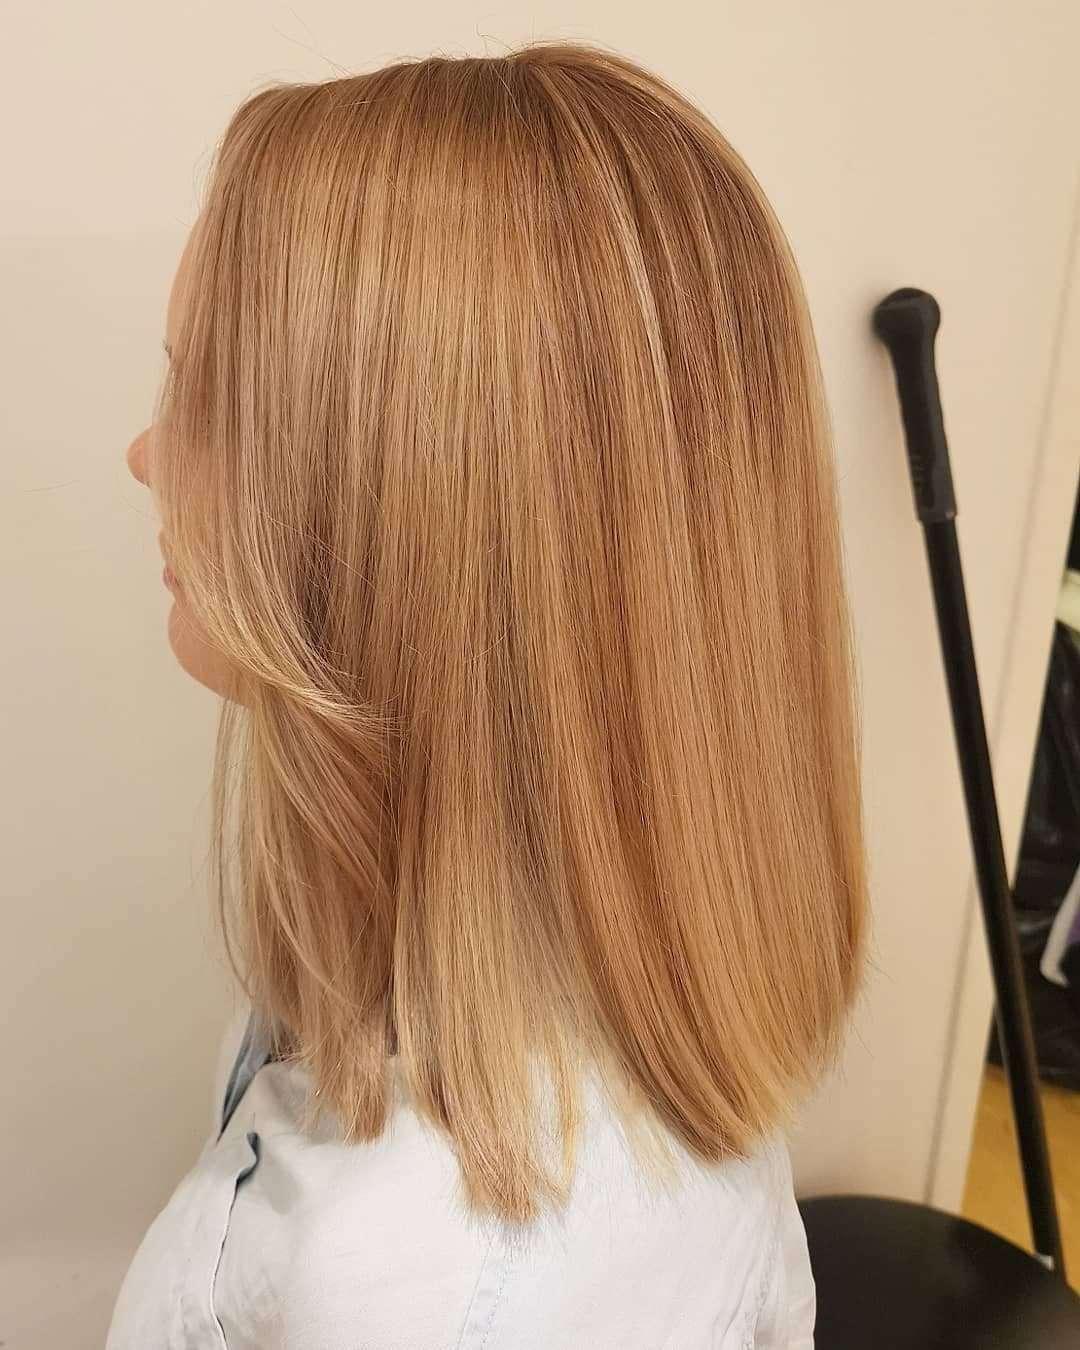 fryzury blond półdługie z grzywką